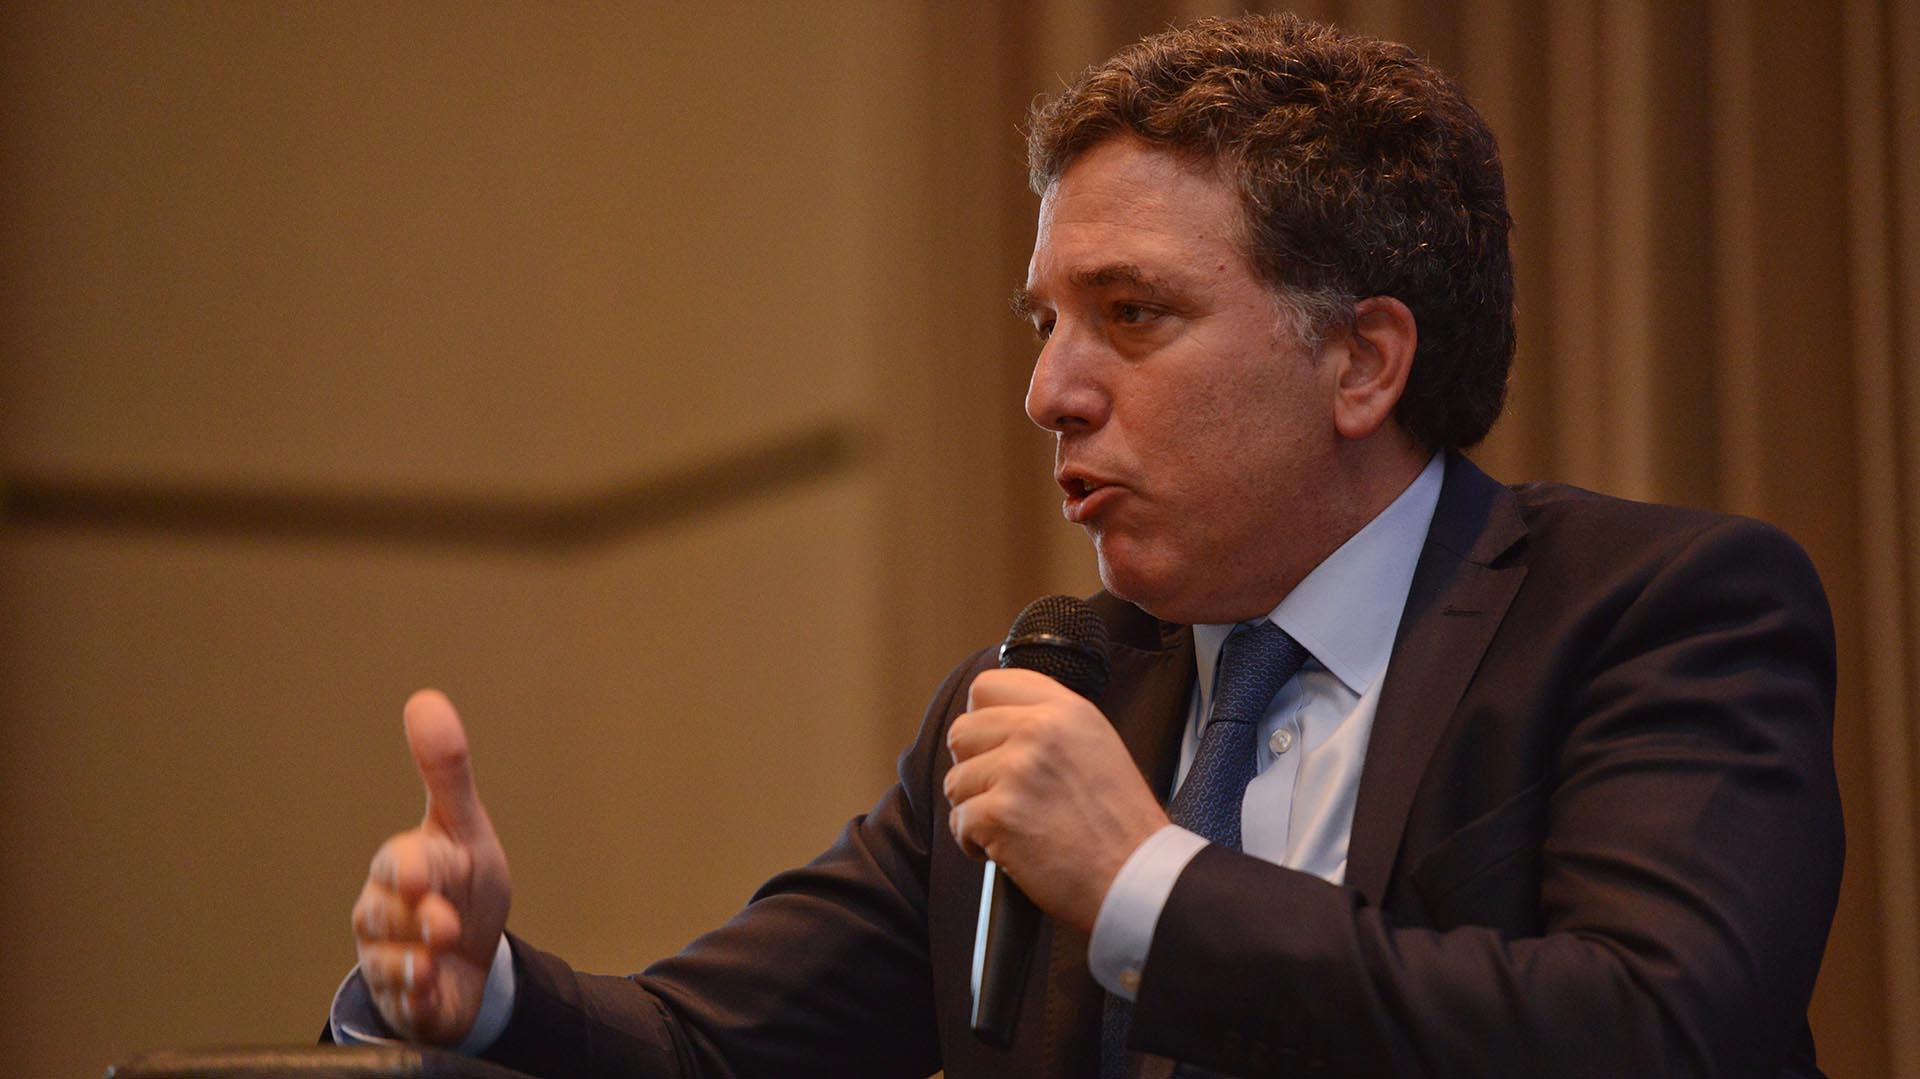 El ministro de Hacienda,Nicolás Dujovne, trabaja en una propuesta de reforma tributaria (Presidencia)